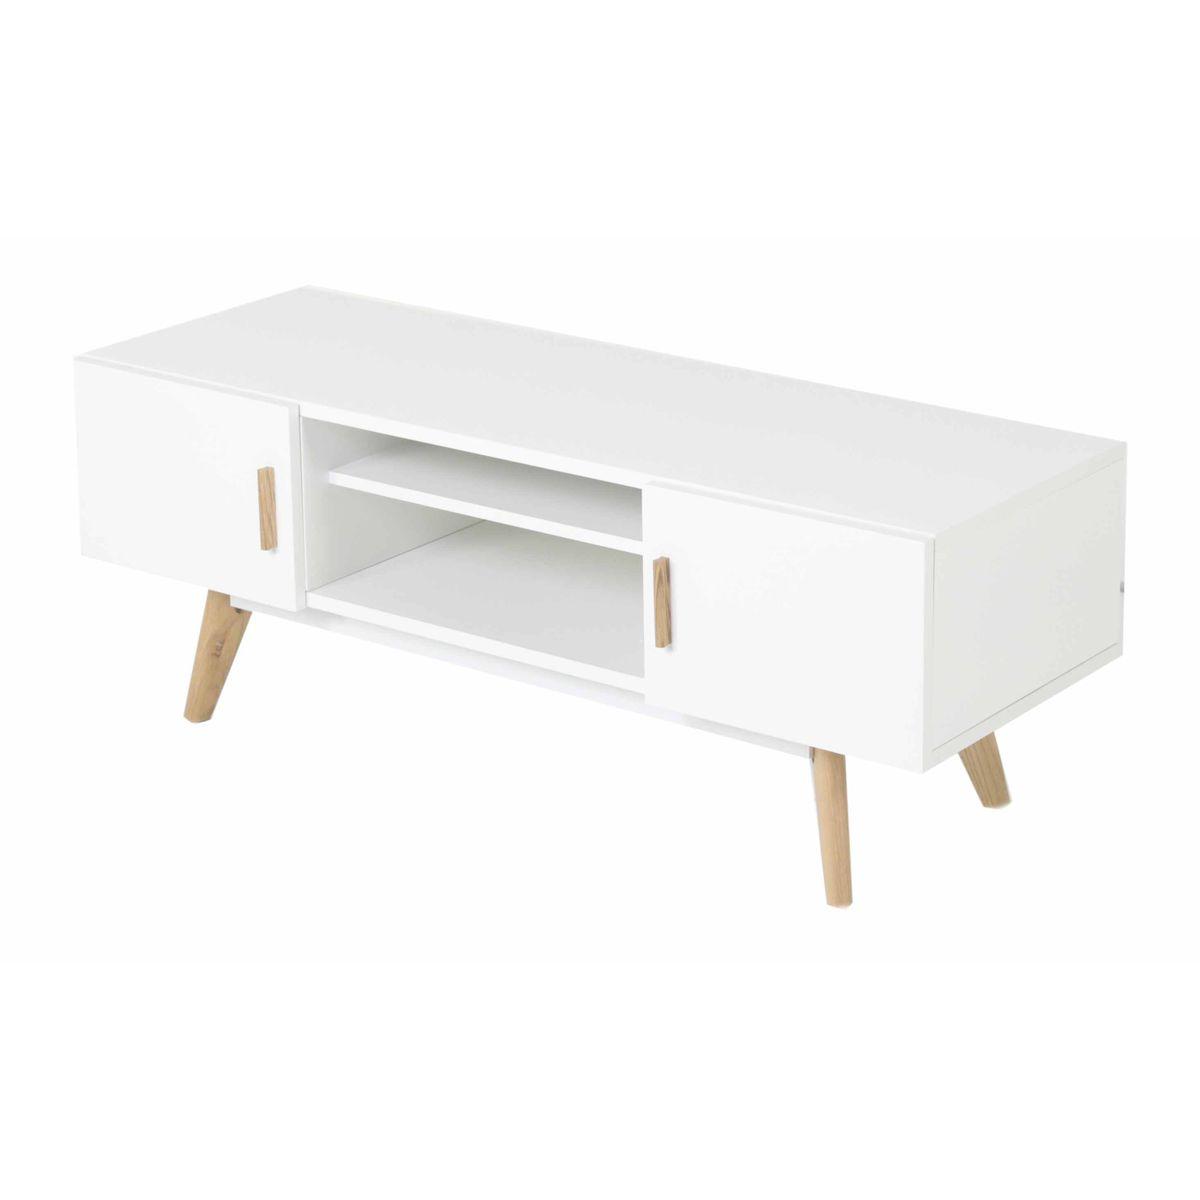 meuble tv scandinave, meuble tv industriel : le design zago | zago ... - Meuble Tv Scandinave Design